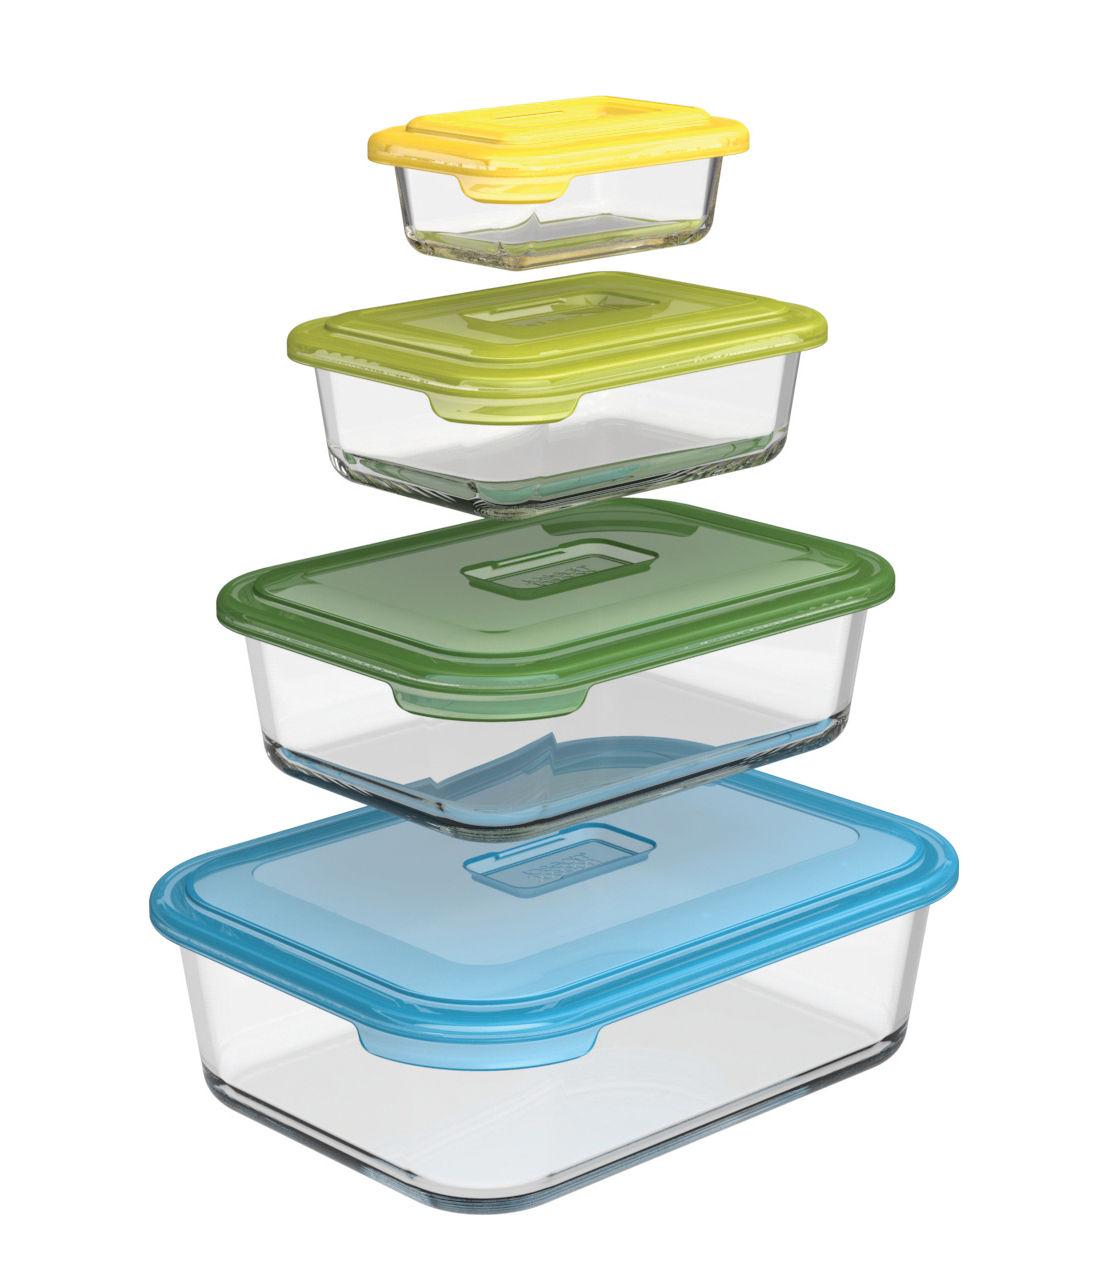 Tavola - Piatti da portata - Contenitore ermetico Nest glass storage - / piatto da forno in vetro - Set da 4 di Joseph Joseph - Multicolore - Plastique sans BPA, Verre borosilicaté